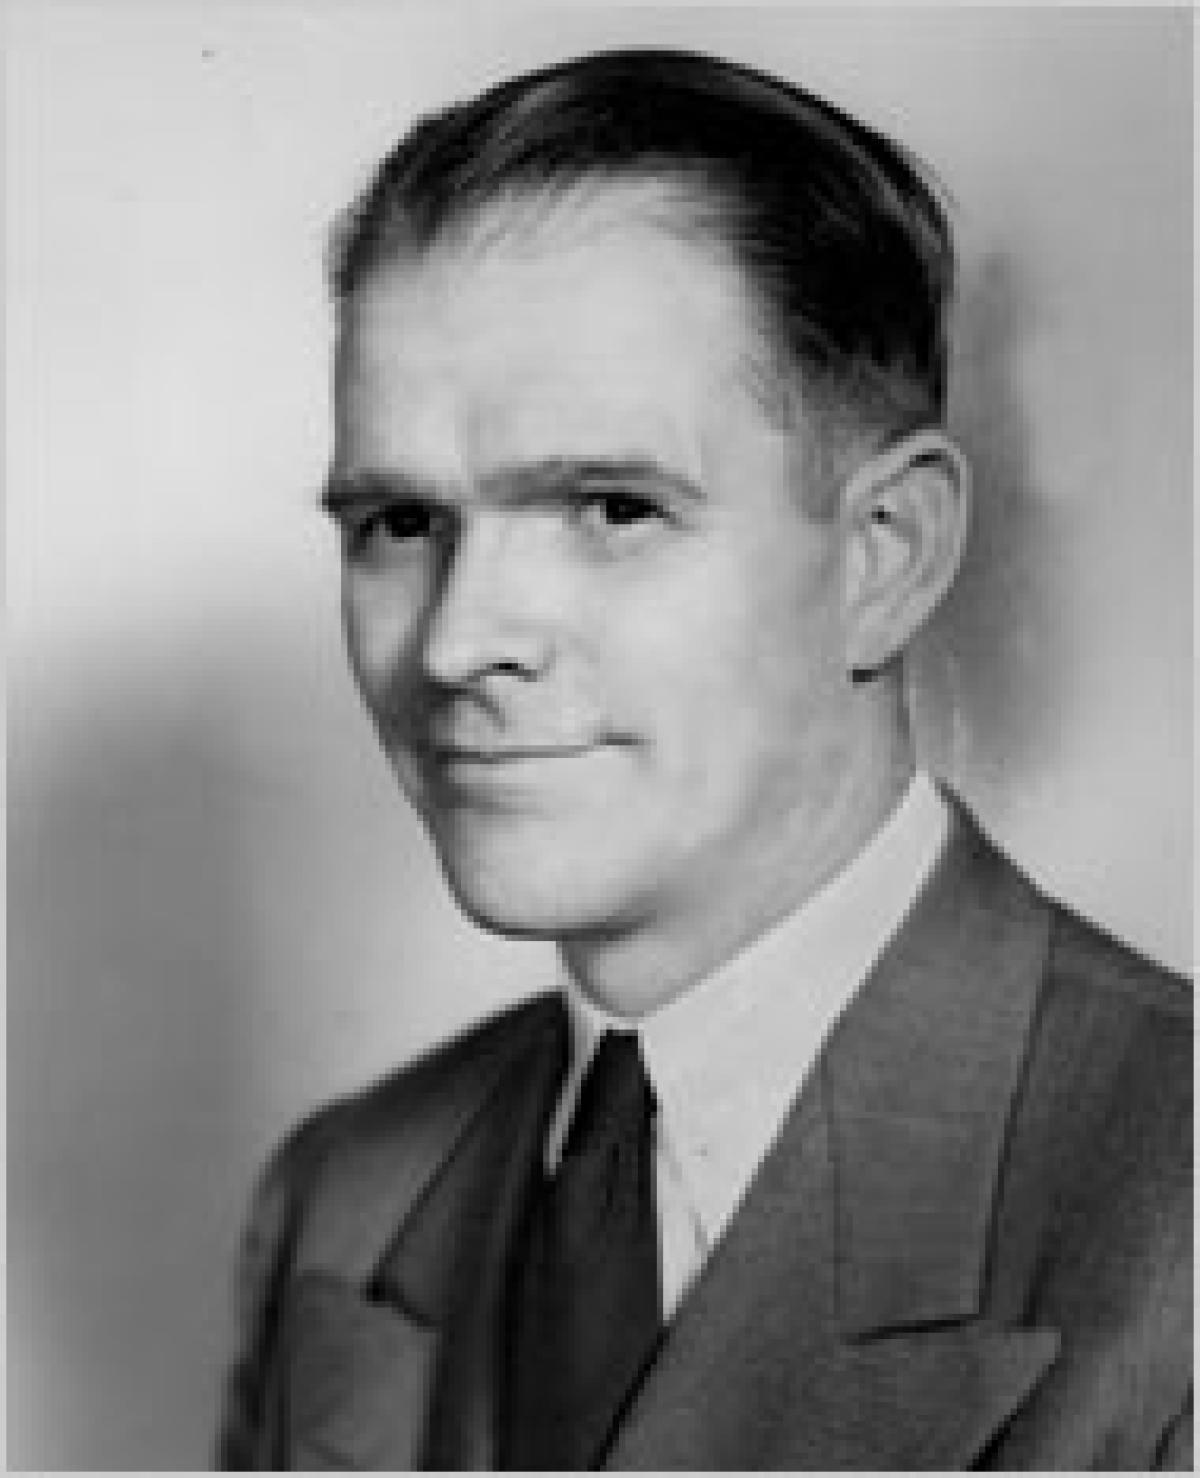 Thomas Toliver Goldsmith (19010-2009) est né à Greenville, en Caroline du Sud.